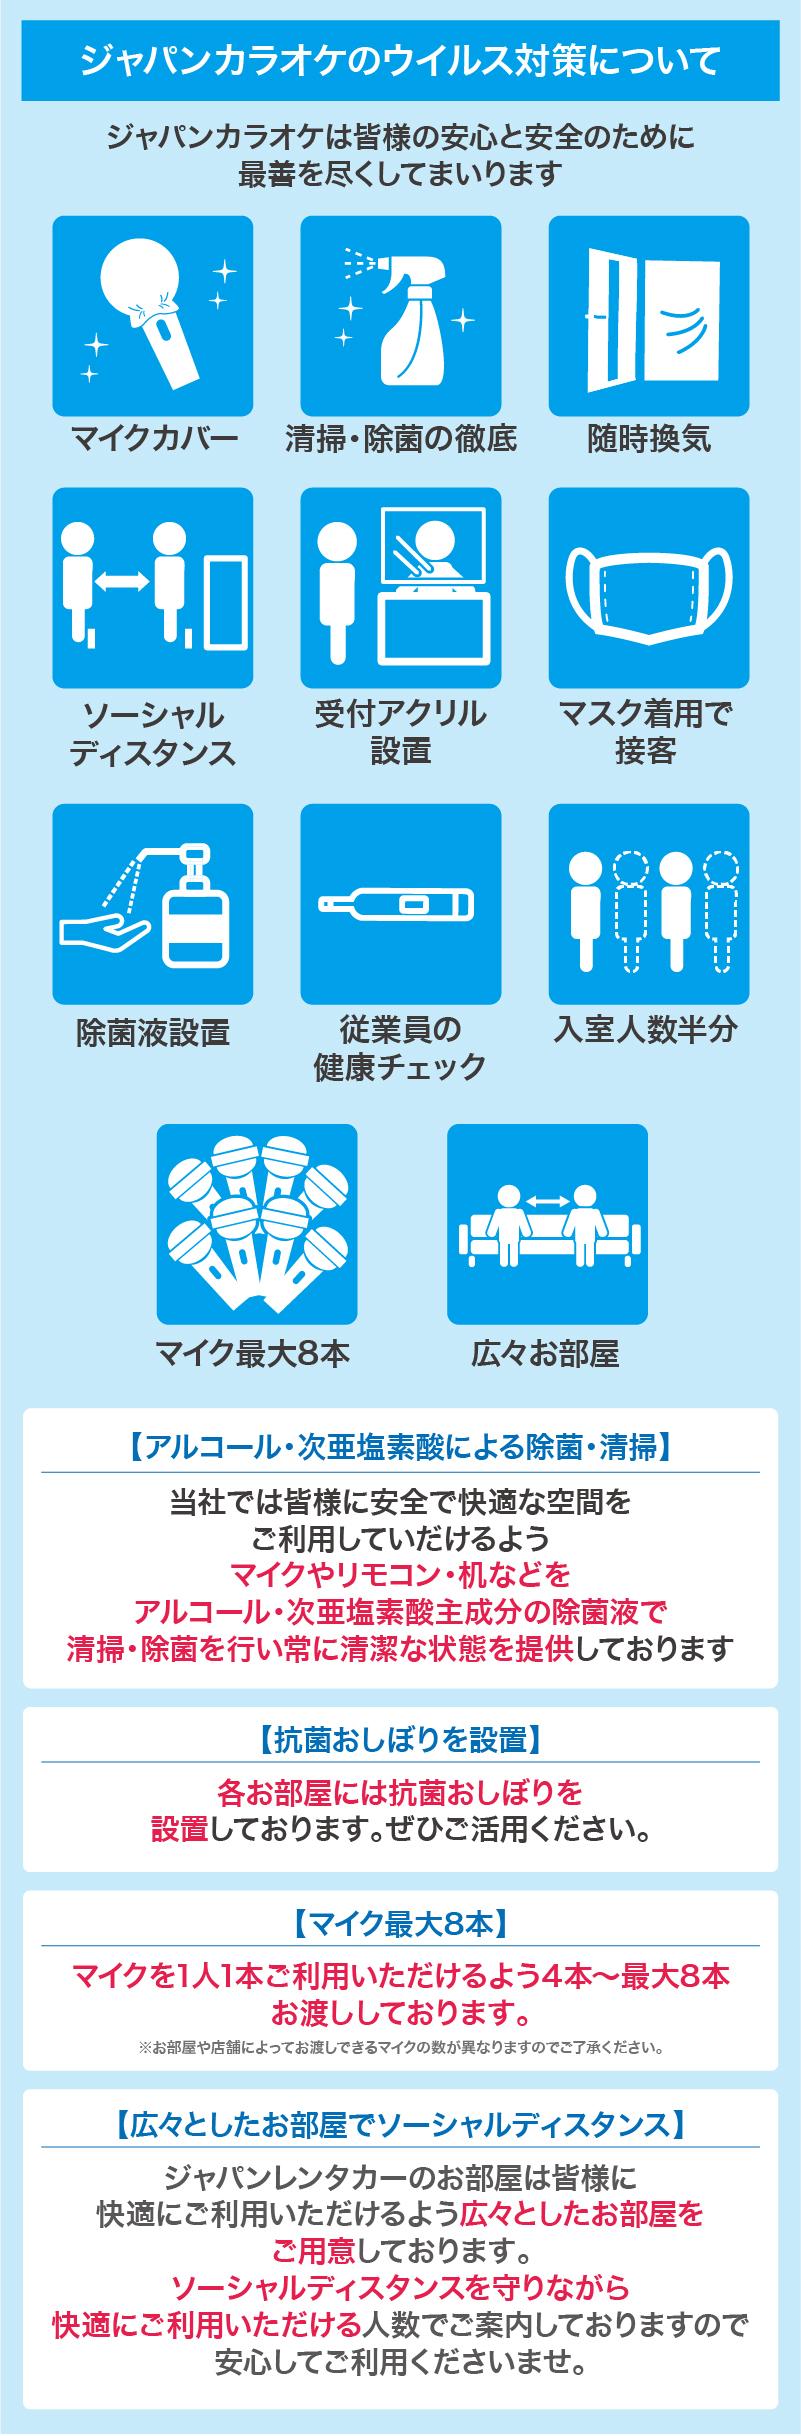 ジャパンカラオケのウイルス対策について